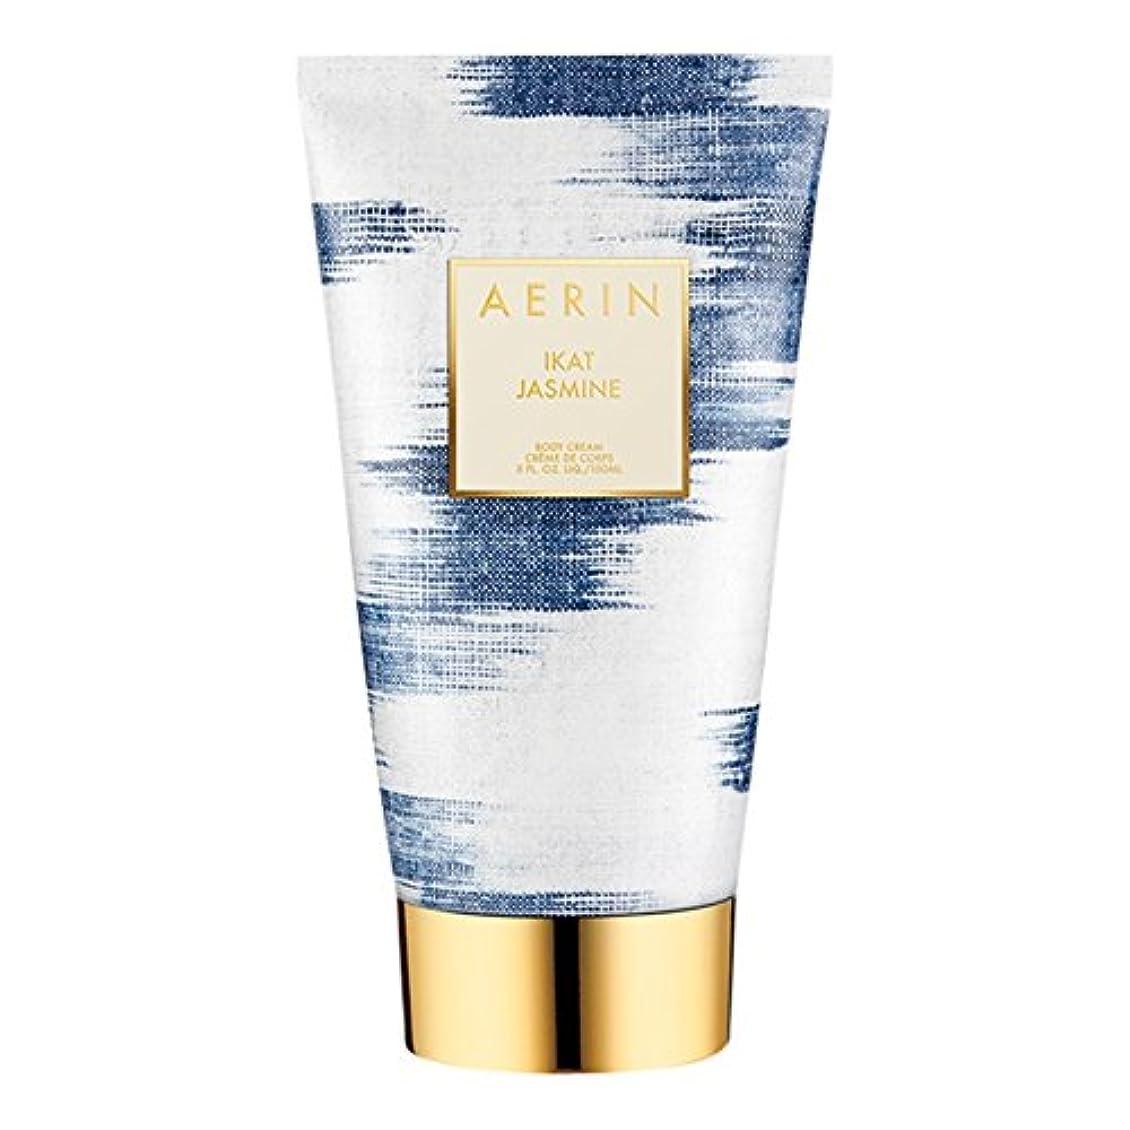 ベーリング海峡電子レンジタバコAerinイカットジャスミンボディクリーム150ミリリットル (AERIN) (x6) - AERIN Ikat Jasmine Body Cream 150ml (Pack of 6) [並行輸入品]